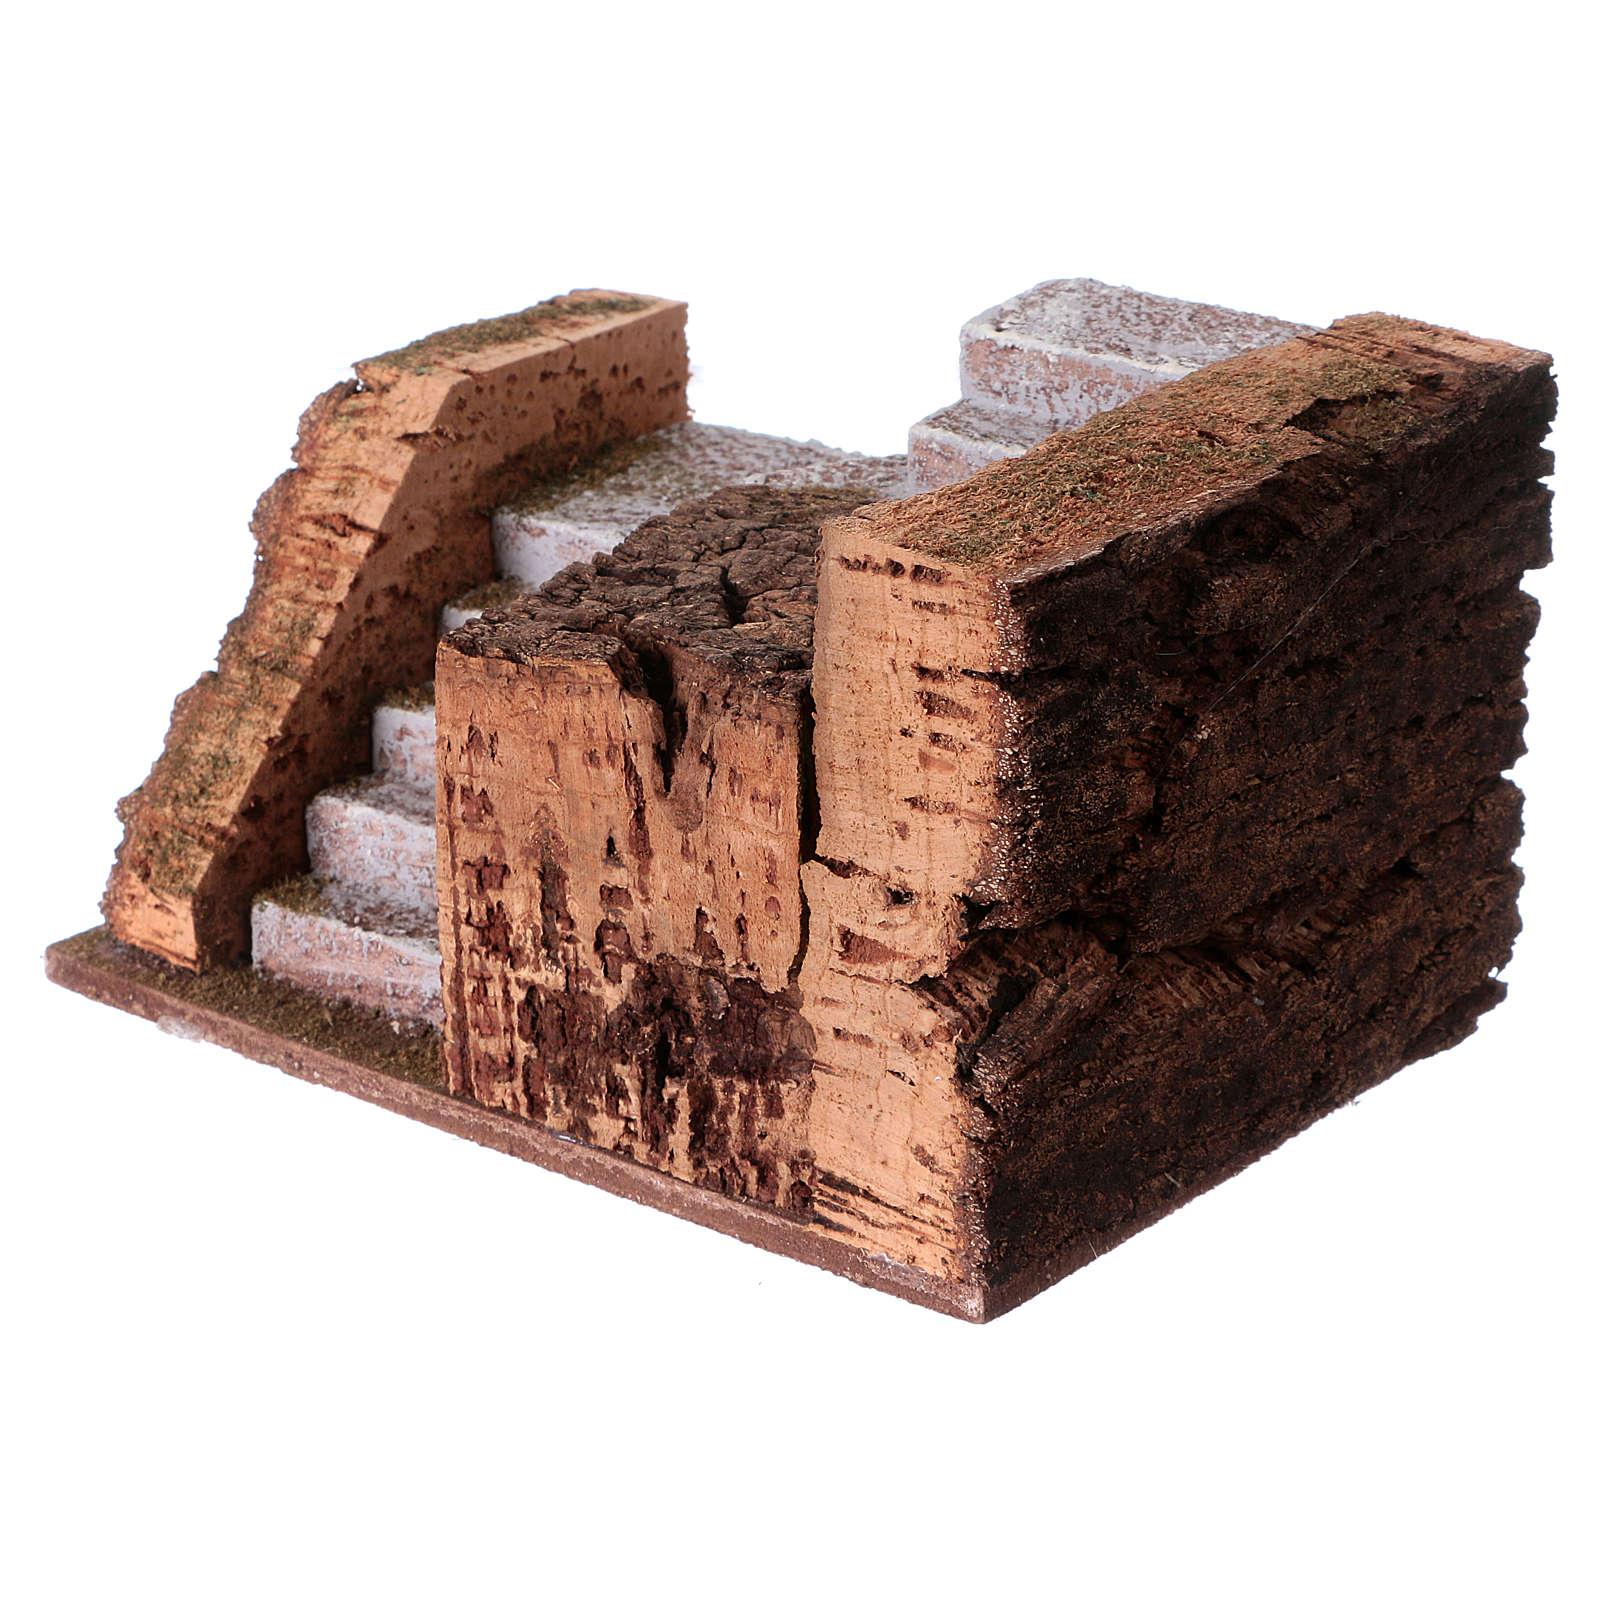 Escalier pour figurines crèche 10 cm 9x15x10 cm 4